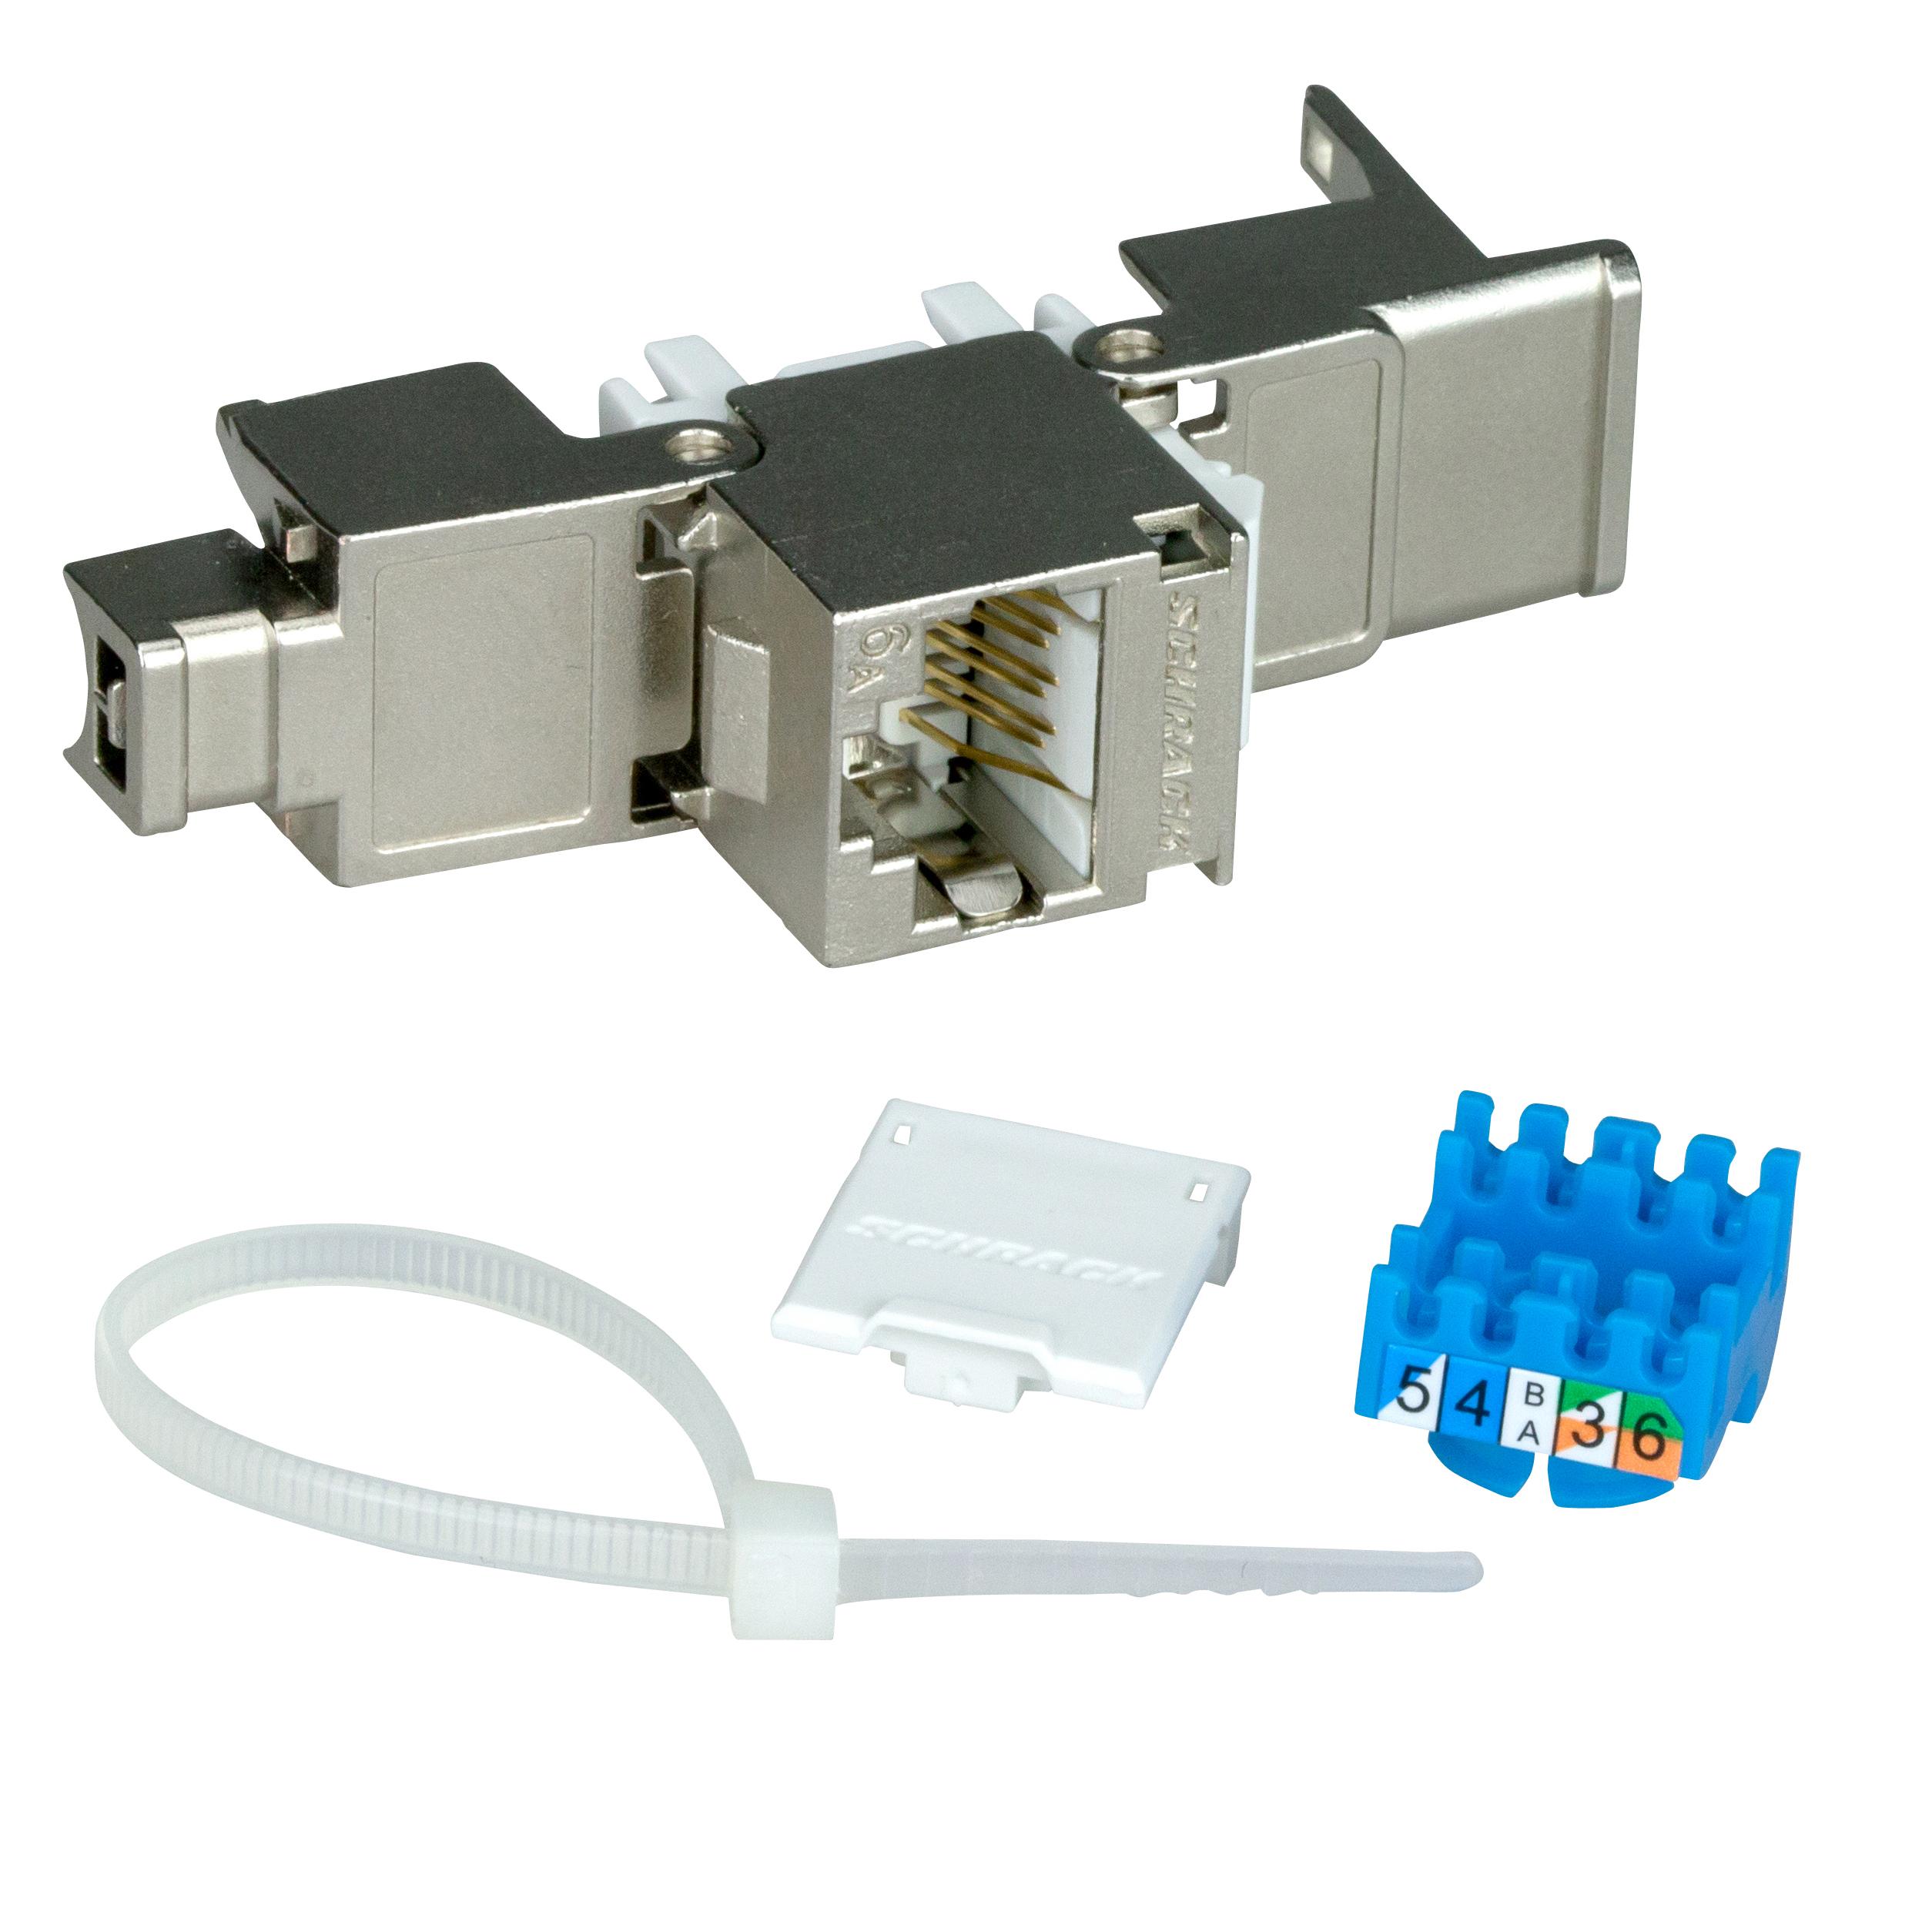 1 Stk TOOLLESS LINE Buchse RJ45 geschirmt Cat.6a 10GB 4PPoE 100W HSEMRJ6GBA